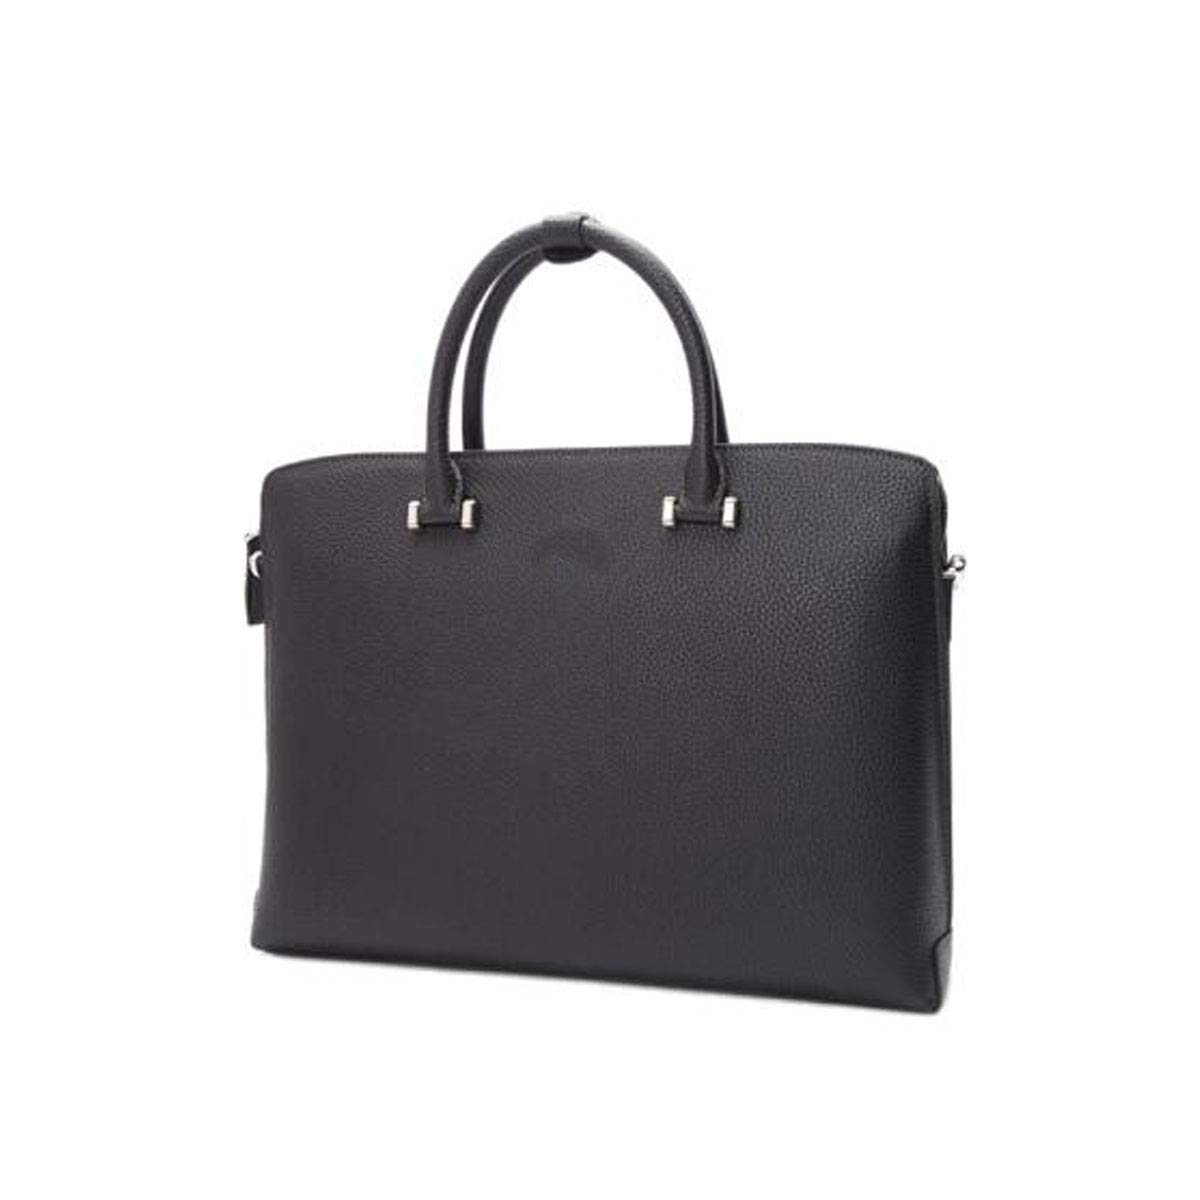 ブリーフケース、2018年春夏メンズビジネストートバッグ、レザーラップトップバッグ、ブラックサイズ:40 * 9 * 30 cm  ブラック B07R8CS4RF